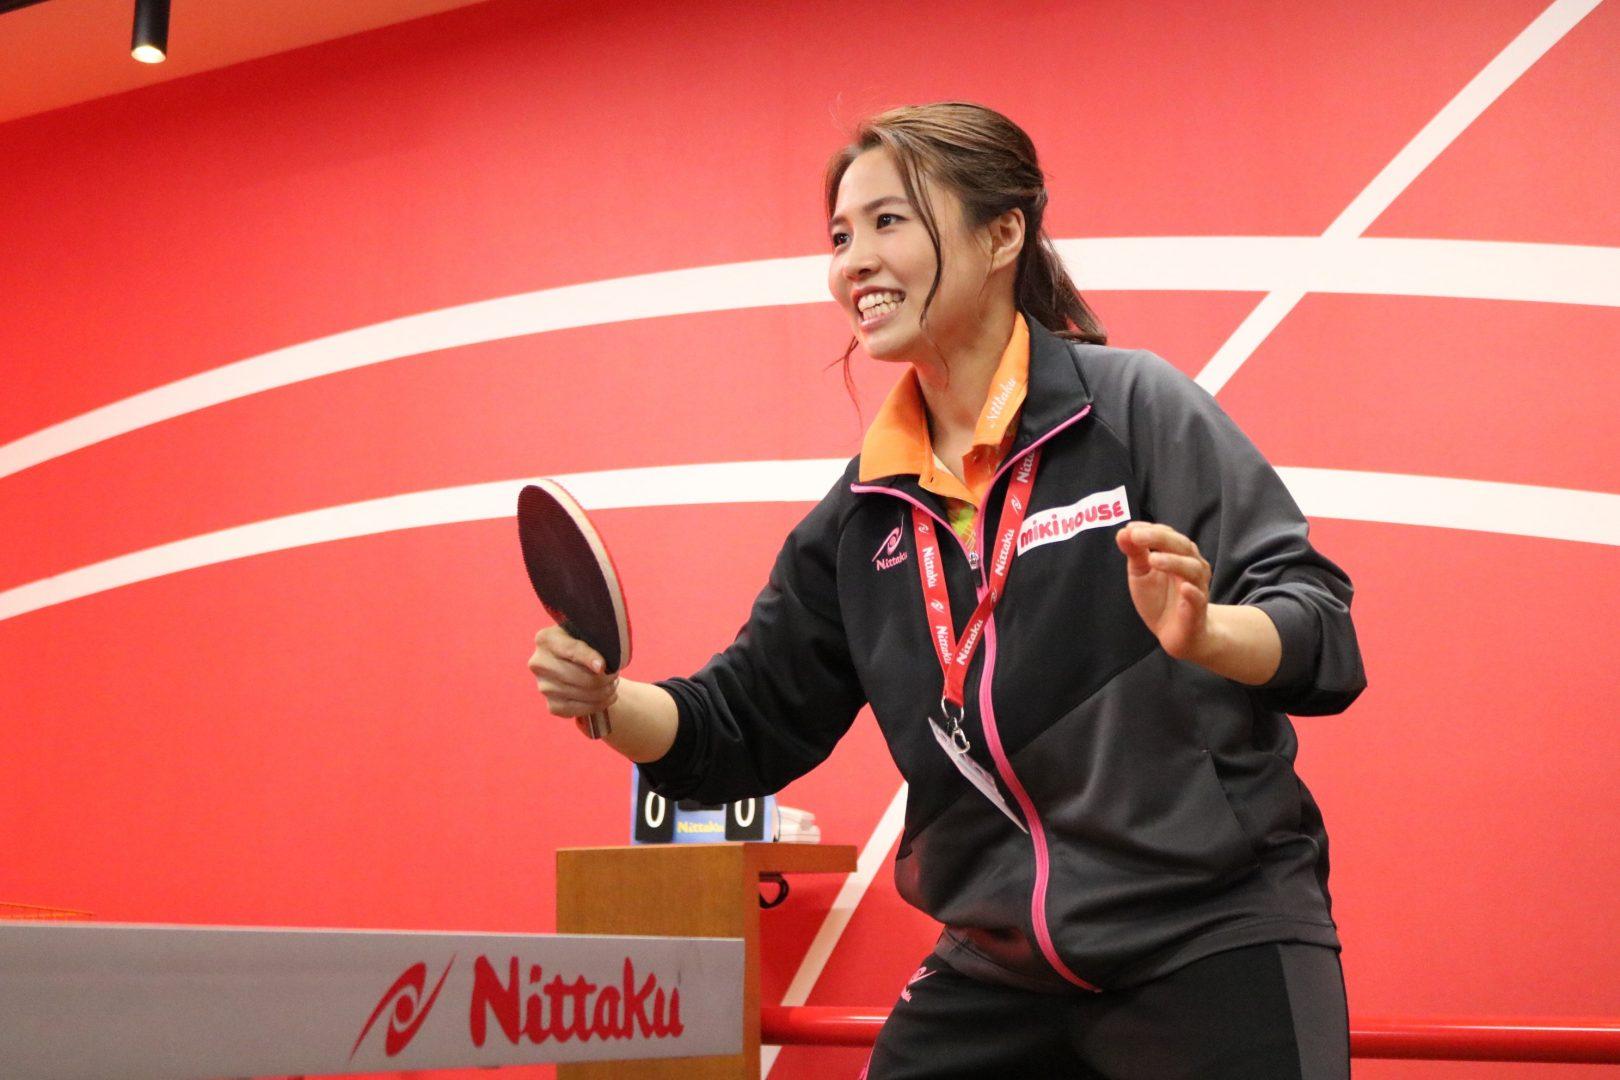 卓球・平野早矢香、東京ドームの新卓球スポット開店を祝う